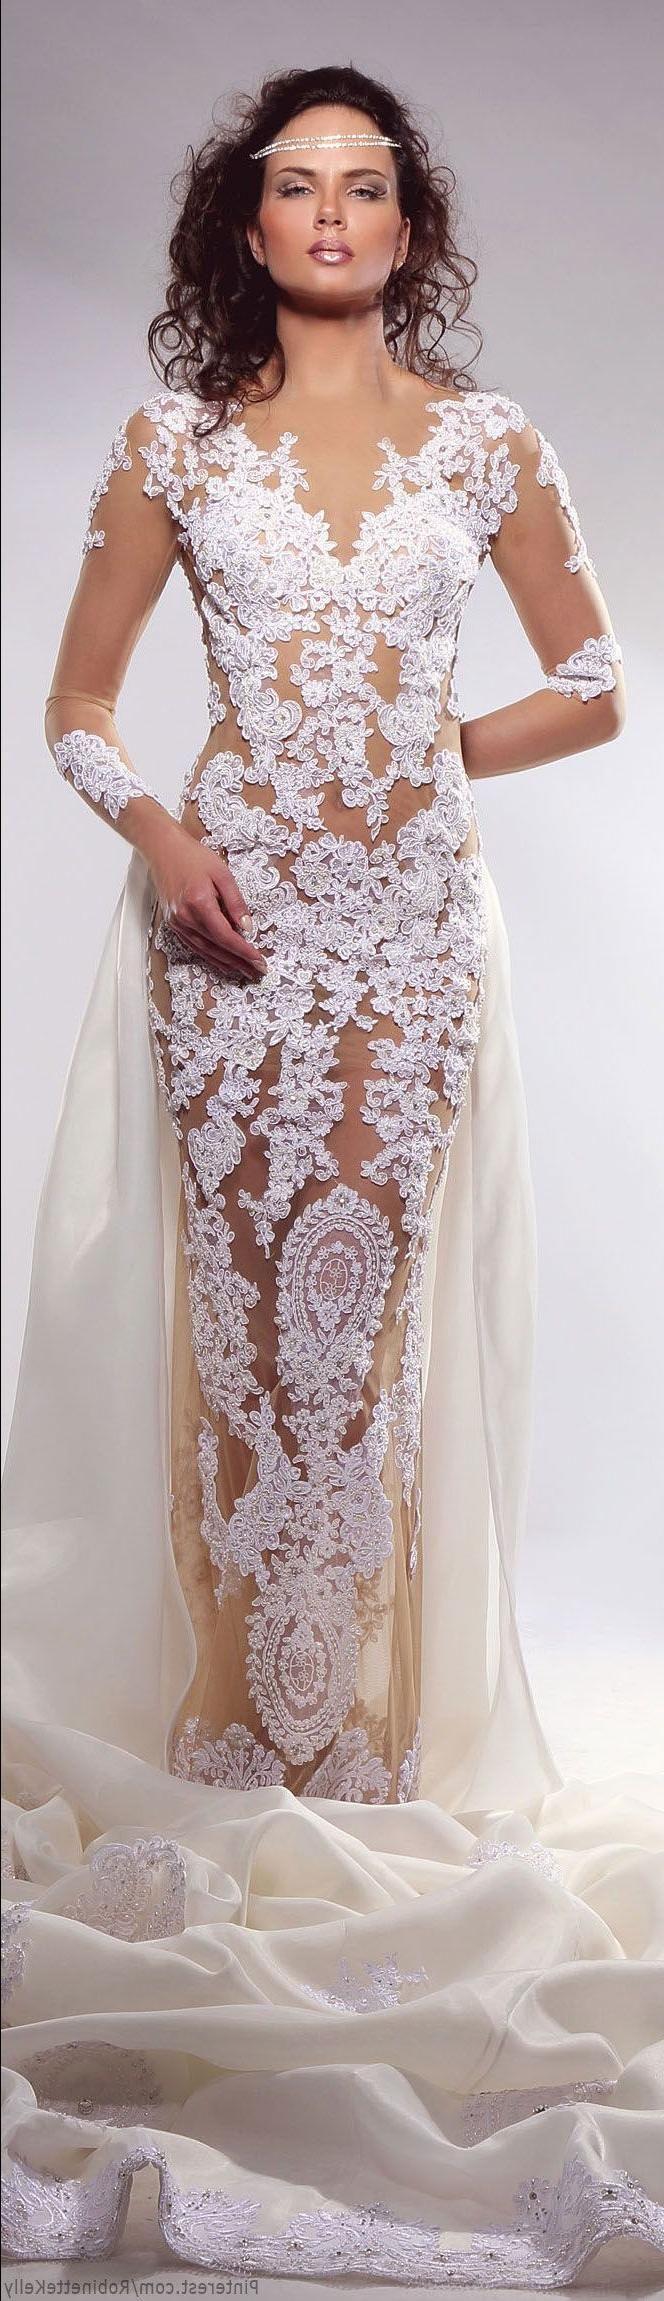 32 best Hochzeitskleid images on Pinterest | Hochzeiten, Kleid ...